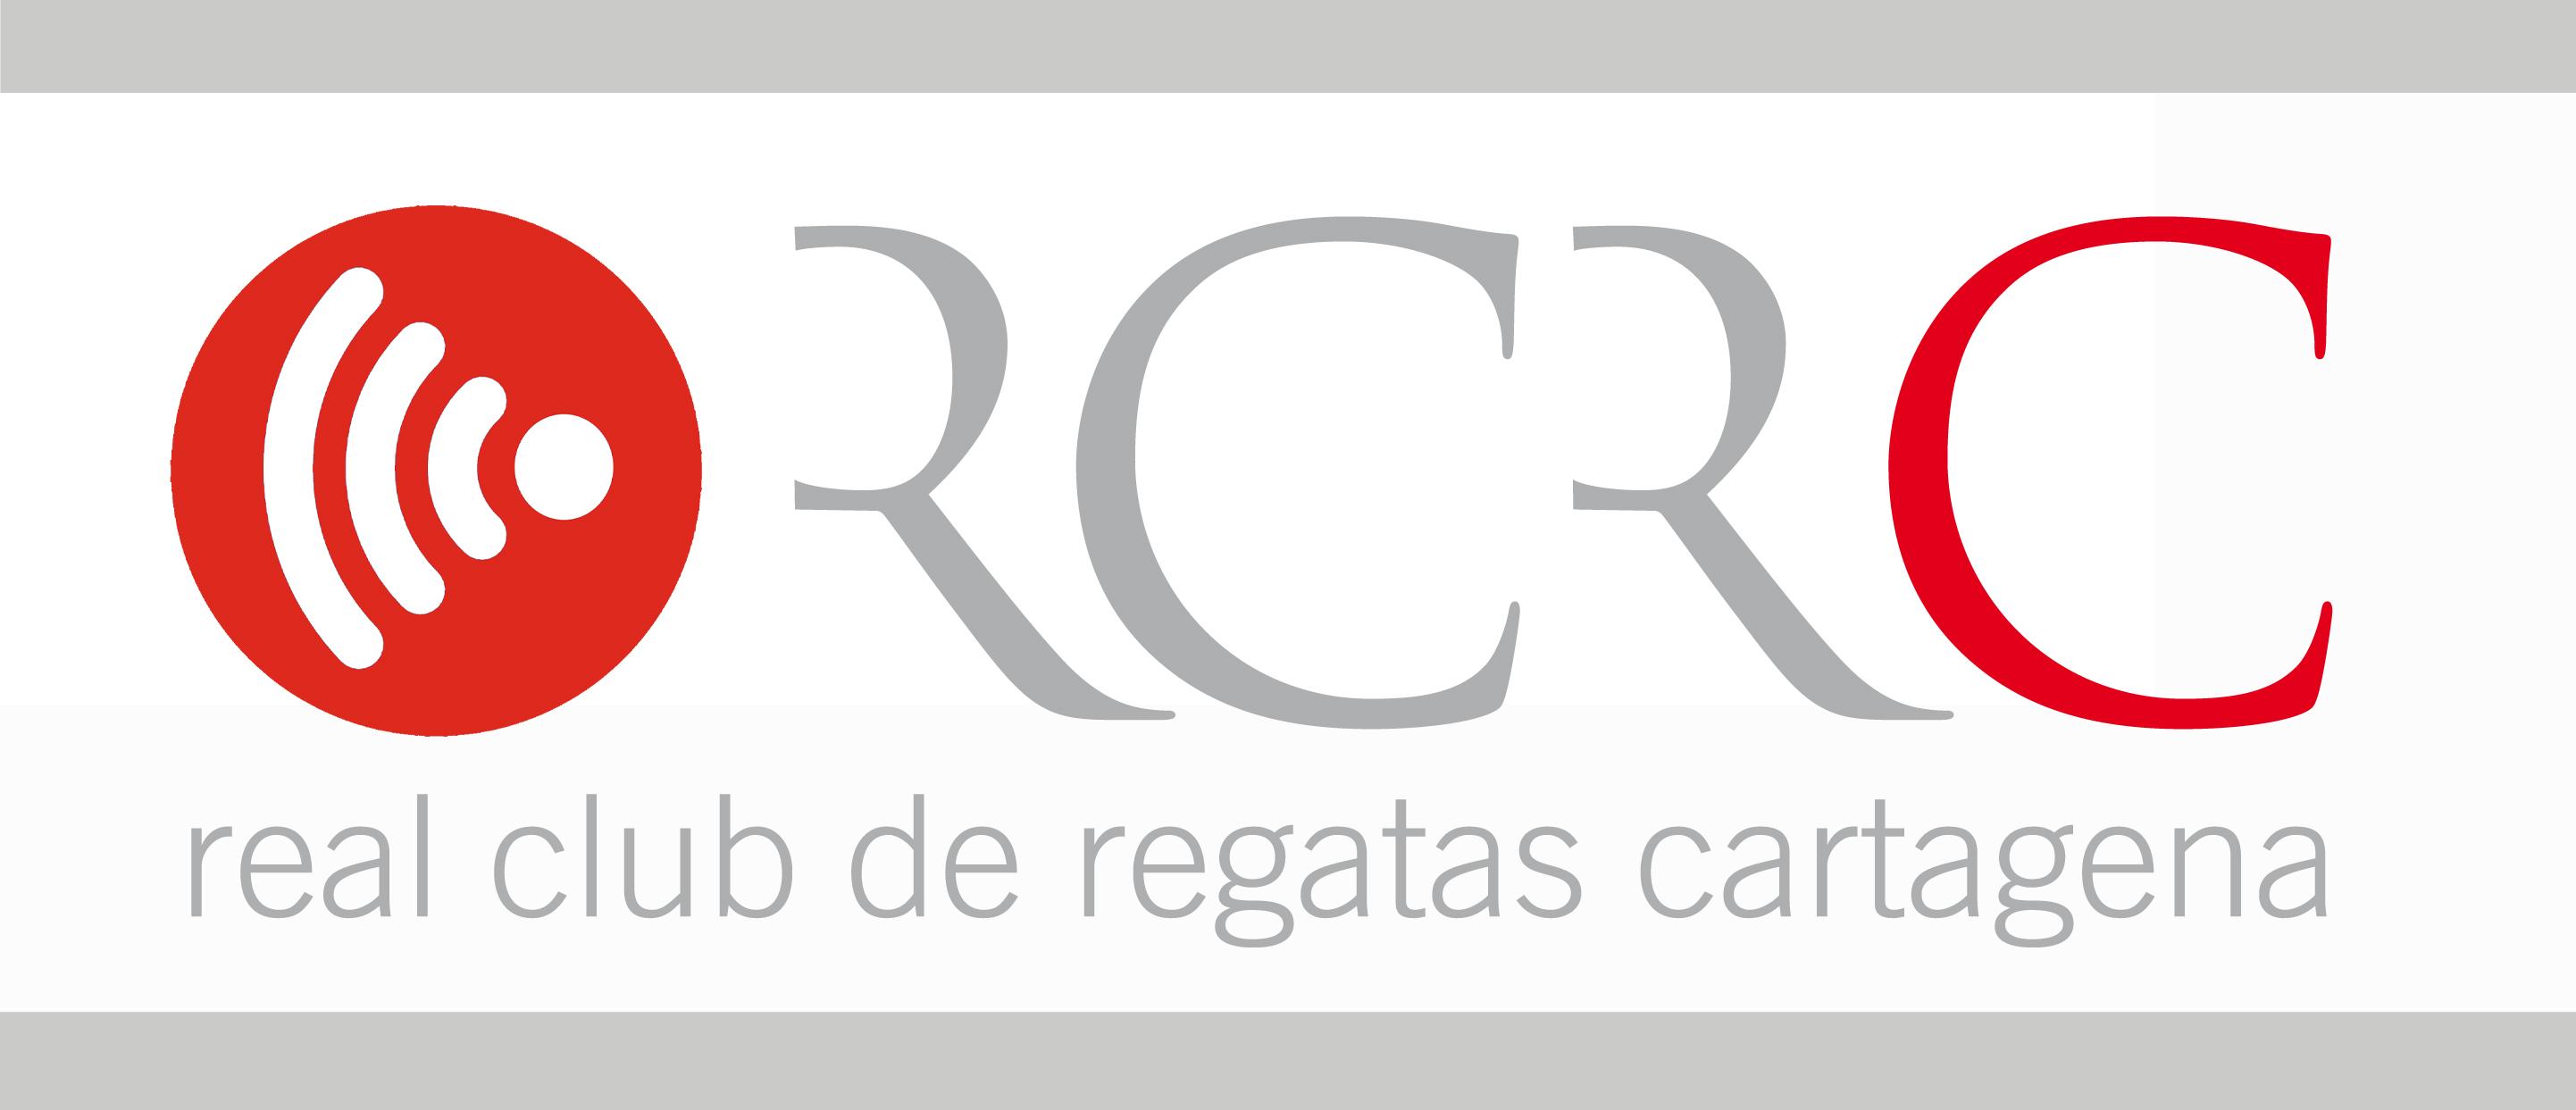 wifi rcrc